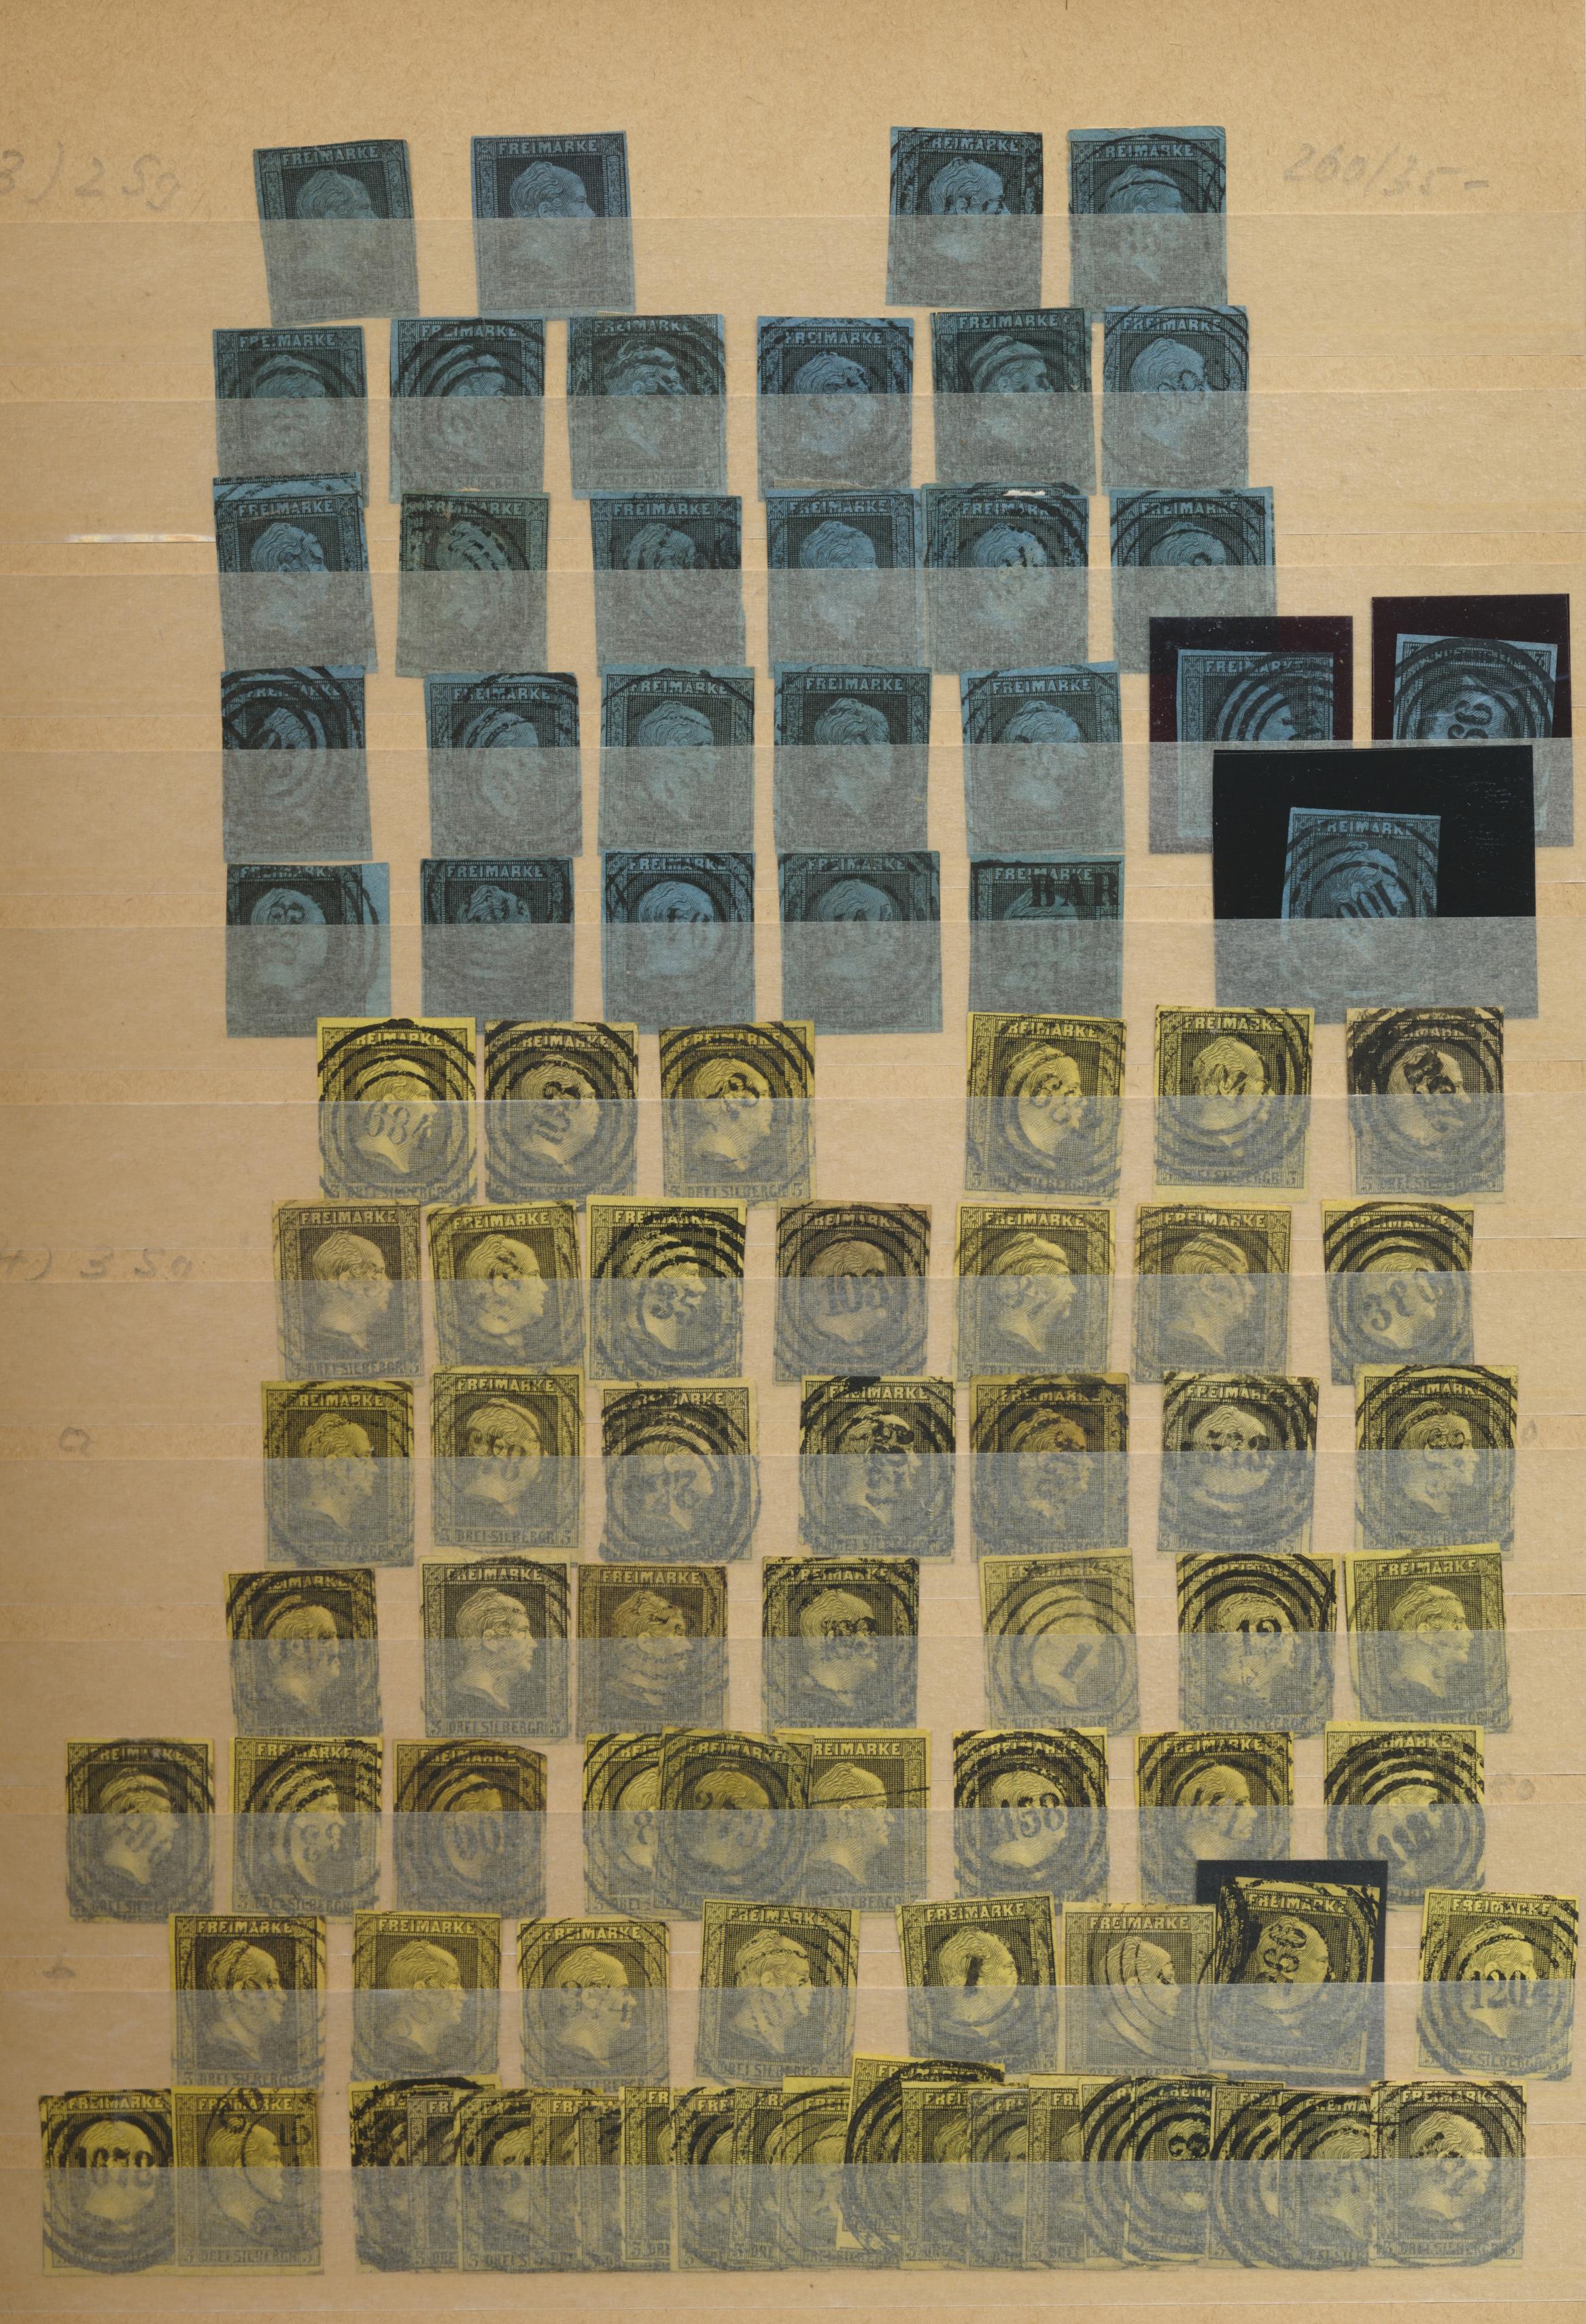 Lot 24343 - Preußen - Marken und Briefe  -  Auktionshaus Christoph Gärtner GmbH & Co. KG Sale #47 Colections: Germany